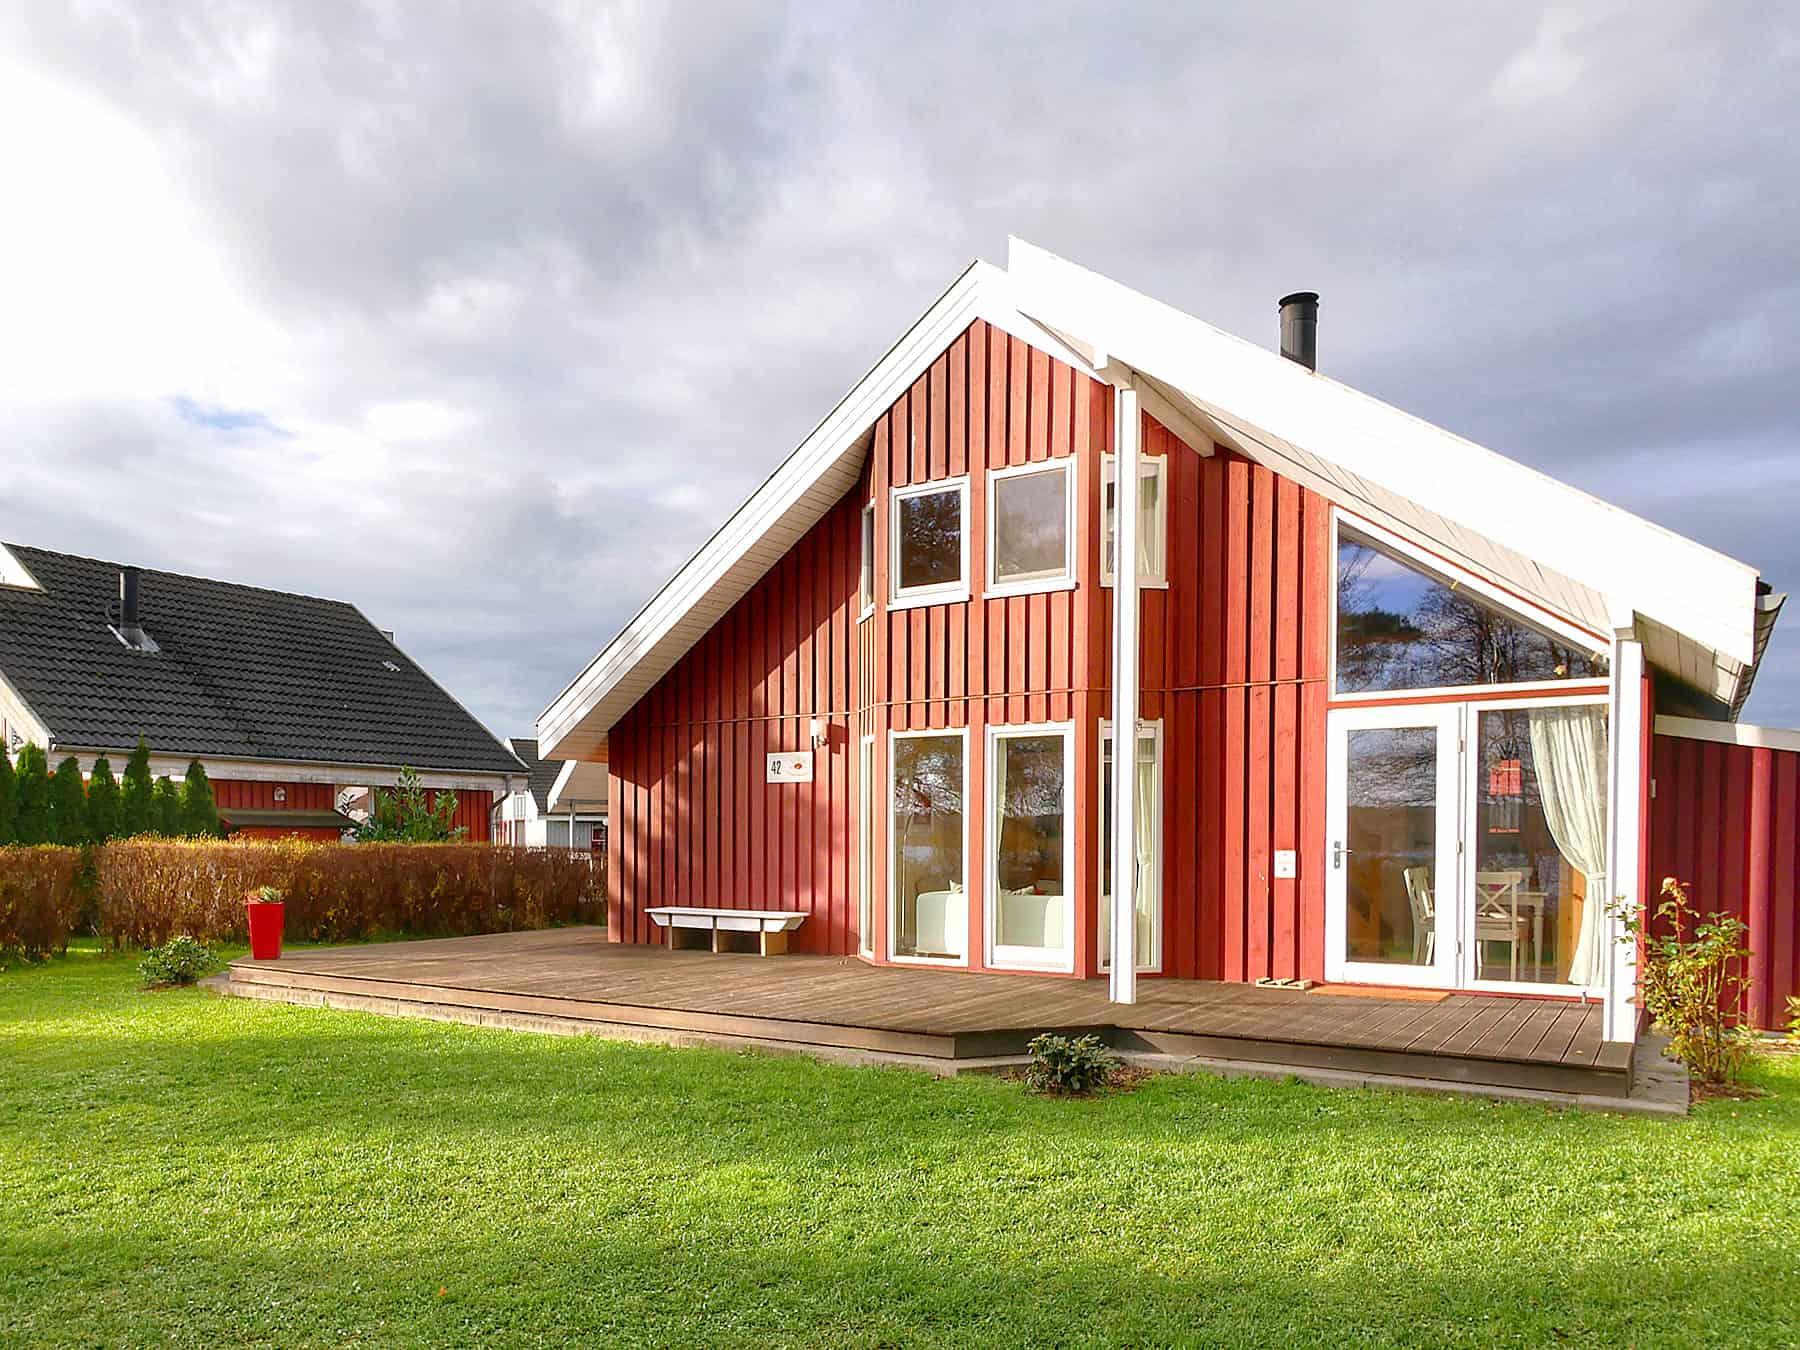 Ferienhaus Seeperle 1. Reihe zum See inkl. Nebenkosten in Wendisch Rietz